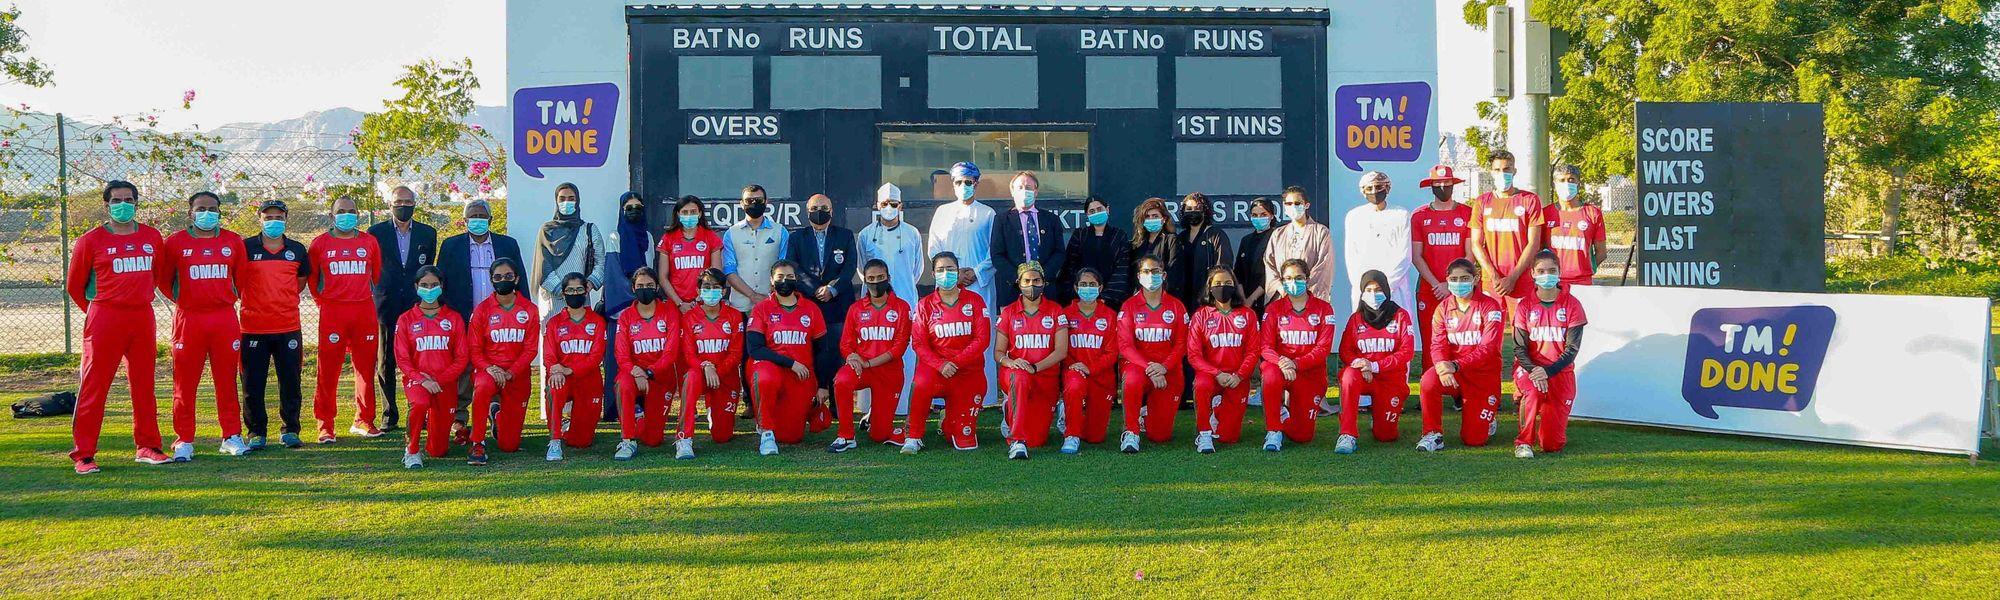 Oman women